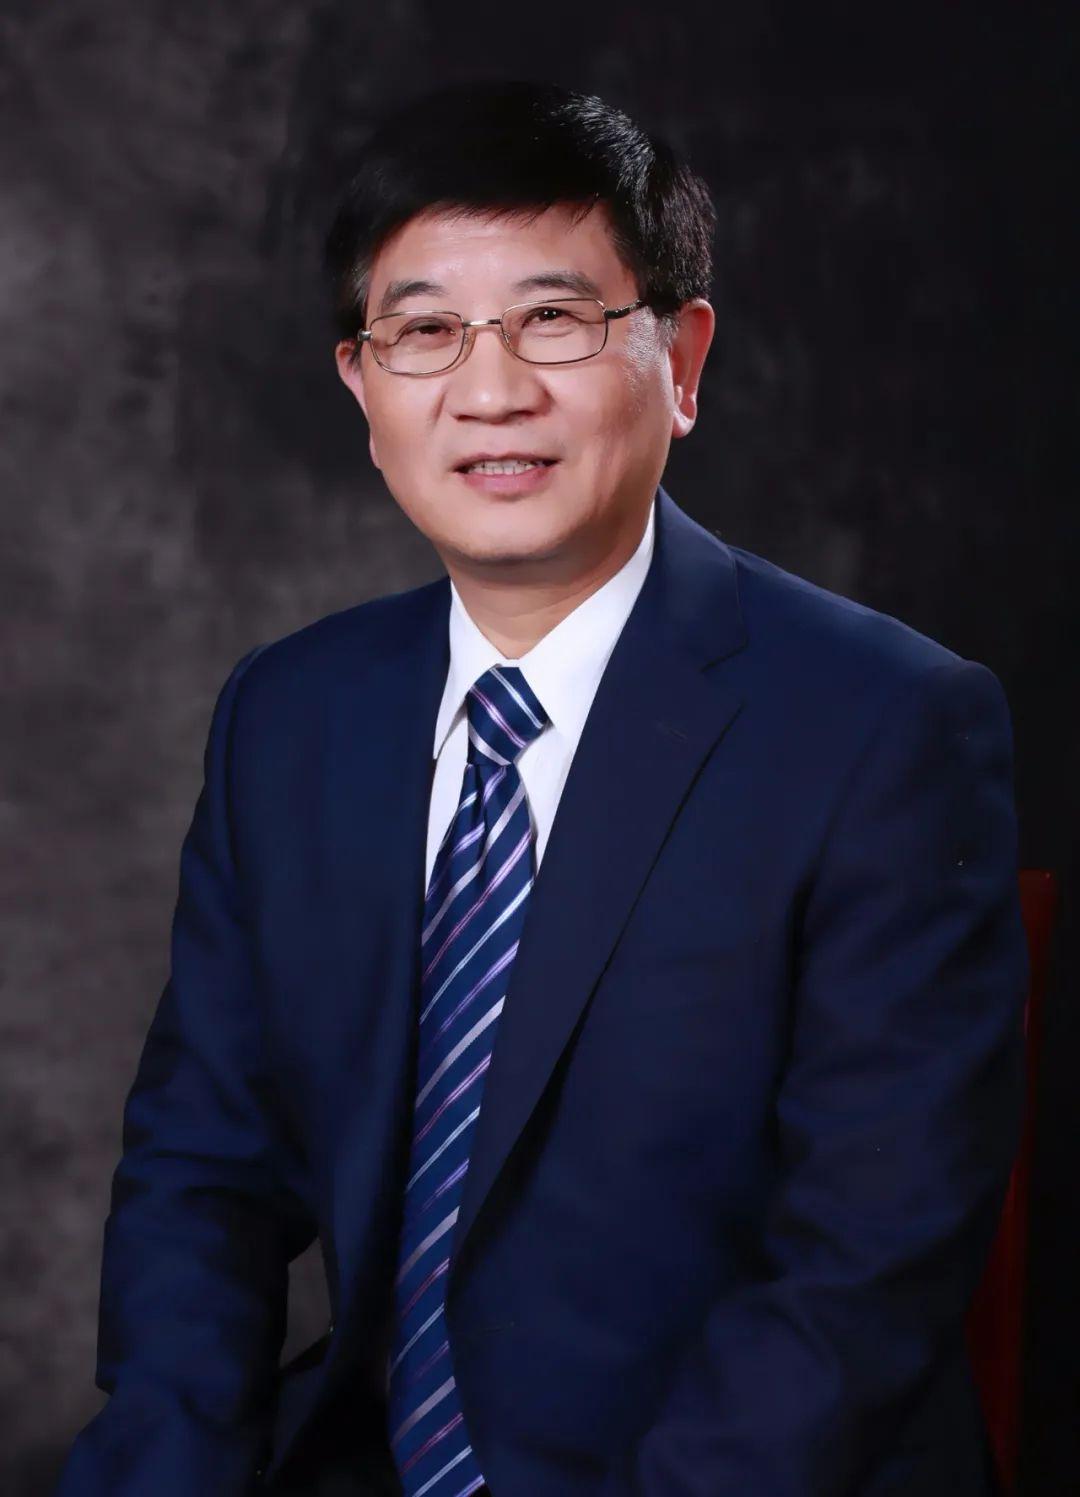 上海市同济医院许树长教授谈胃食管反流如何治疗及自我管理